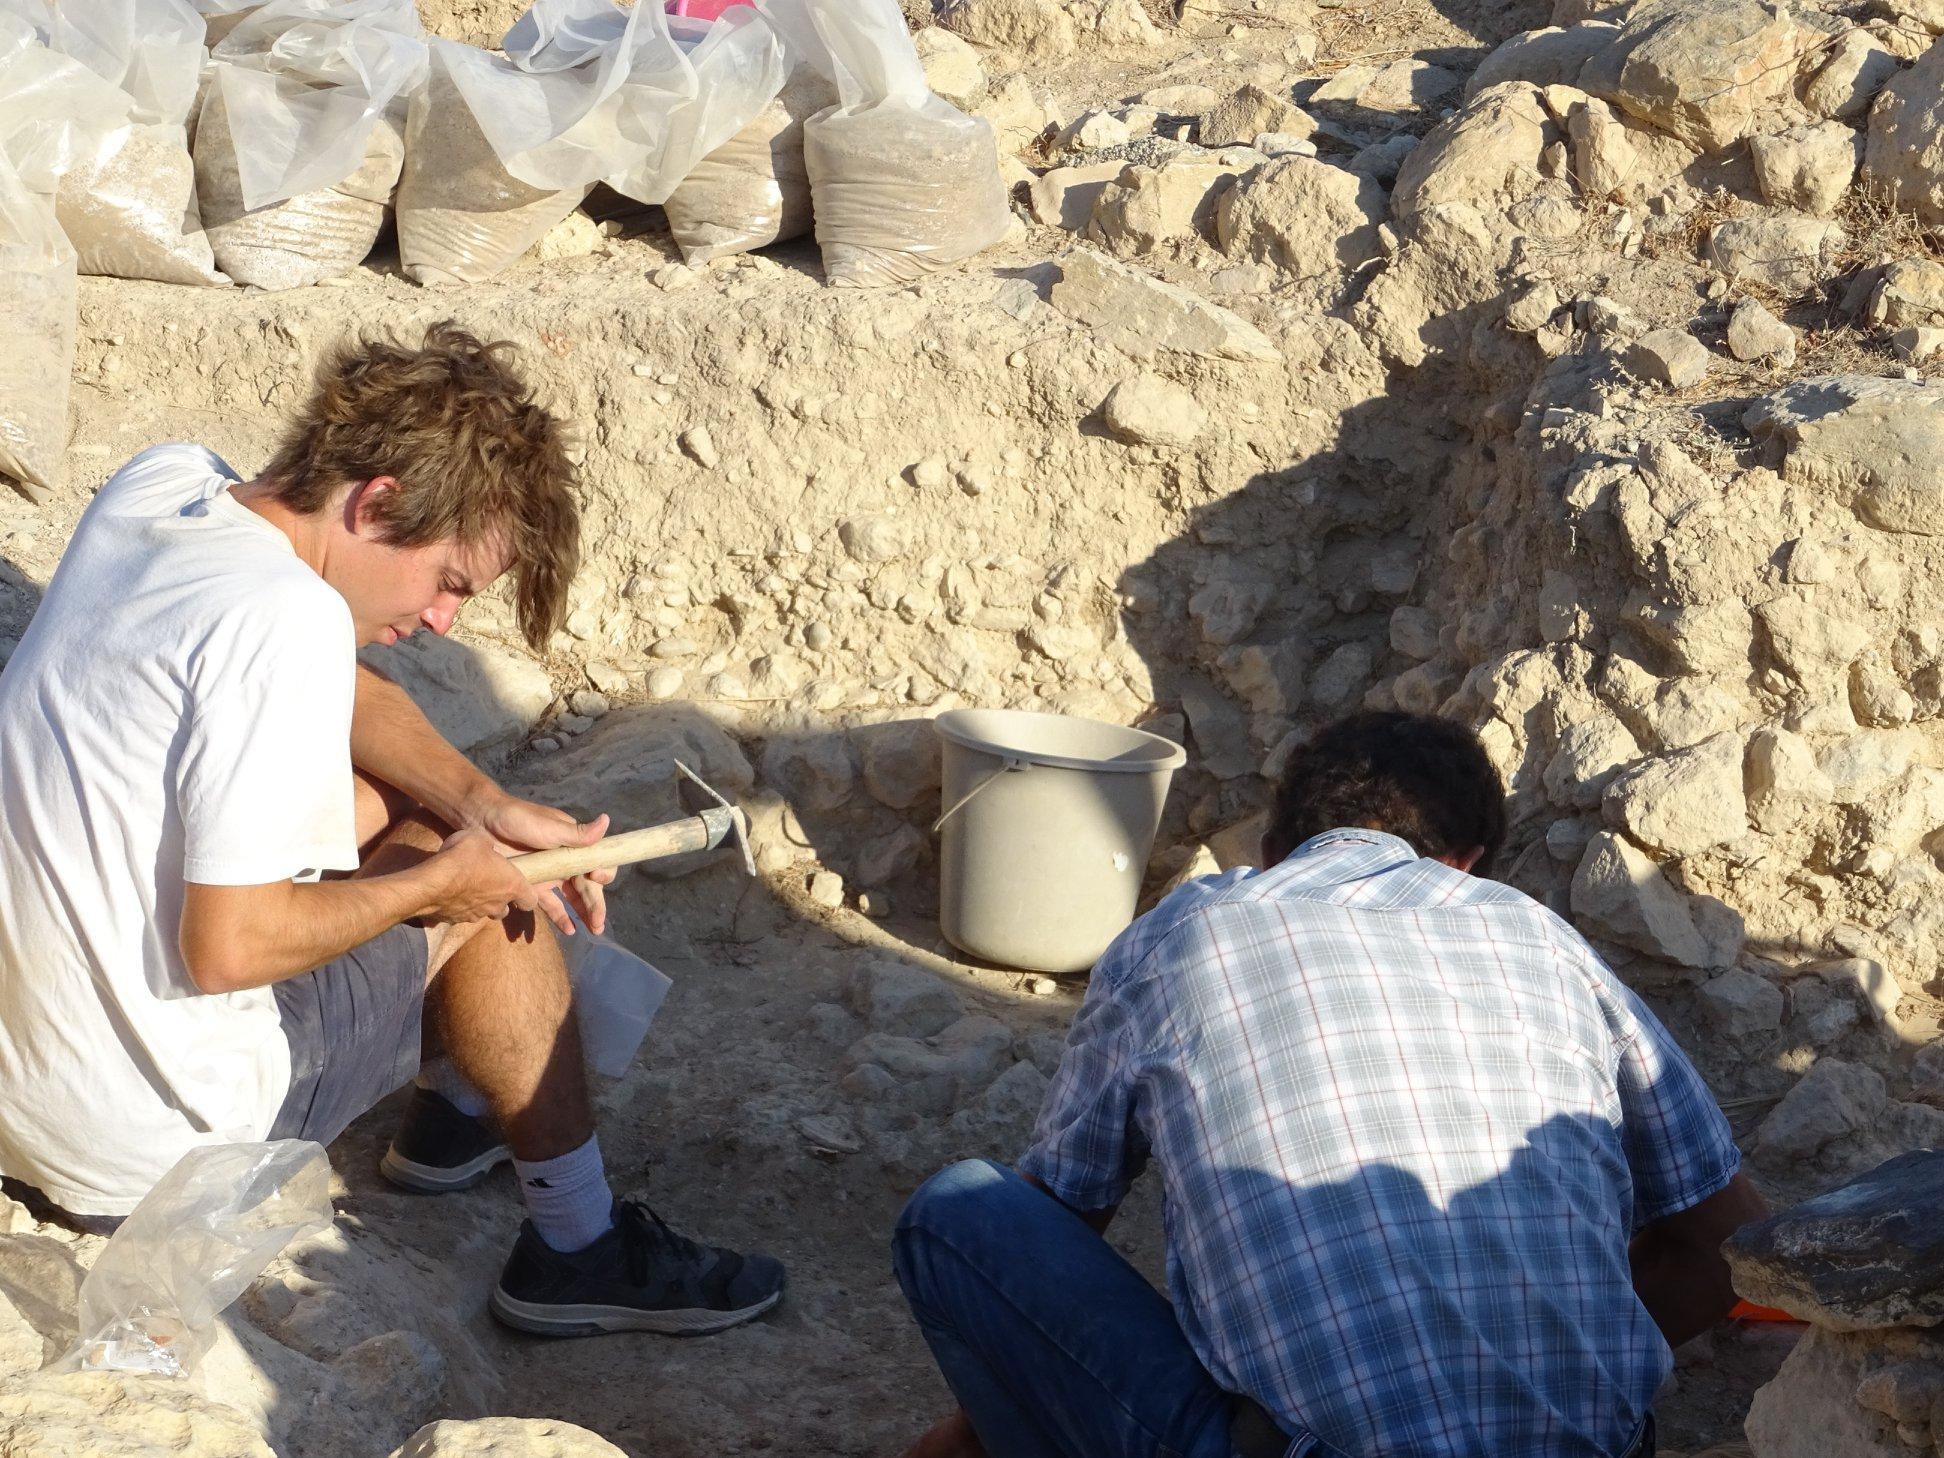 Το νεκροταφείο Πετρά, ανήκε αποκλειστικά σε ελίτ οικογένειες του ανακτορικού οικισμού